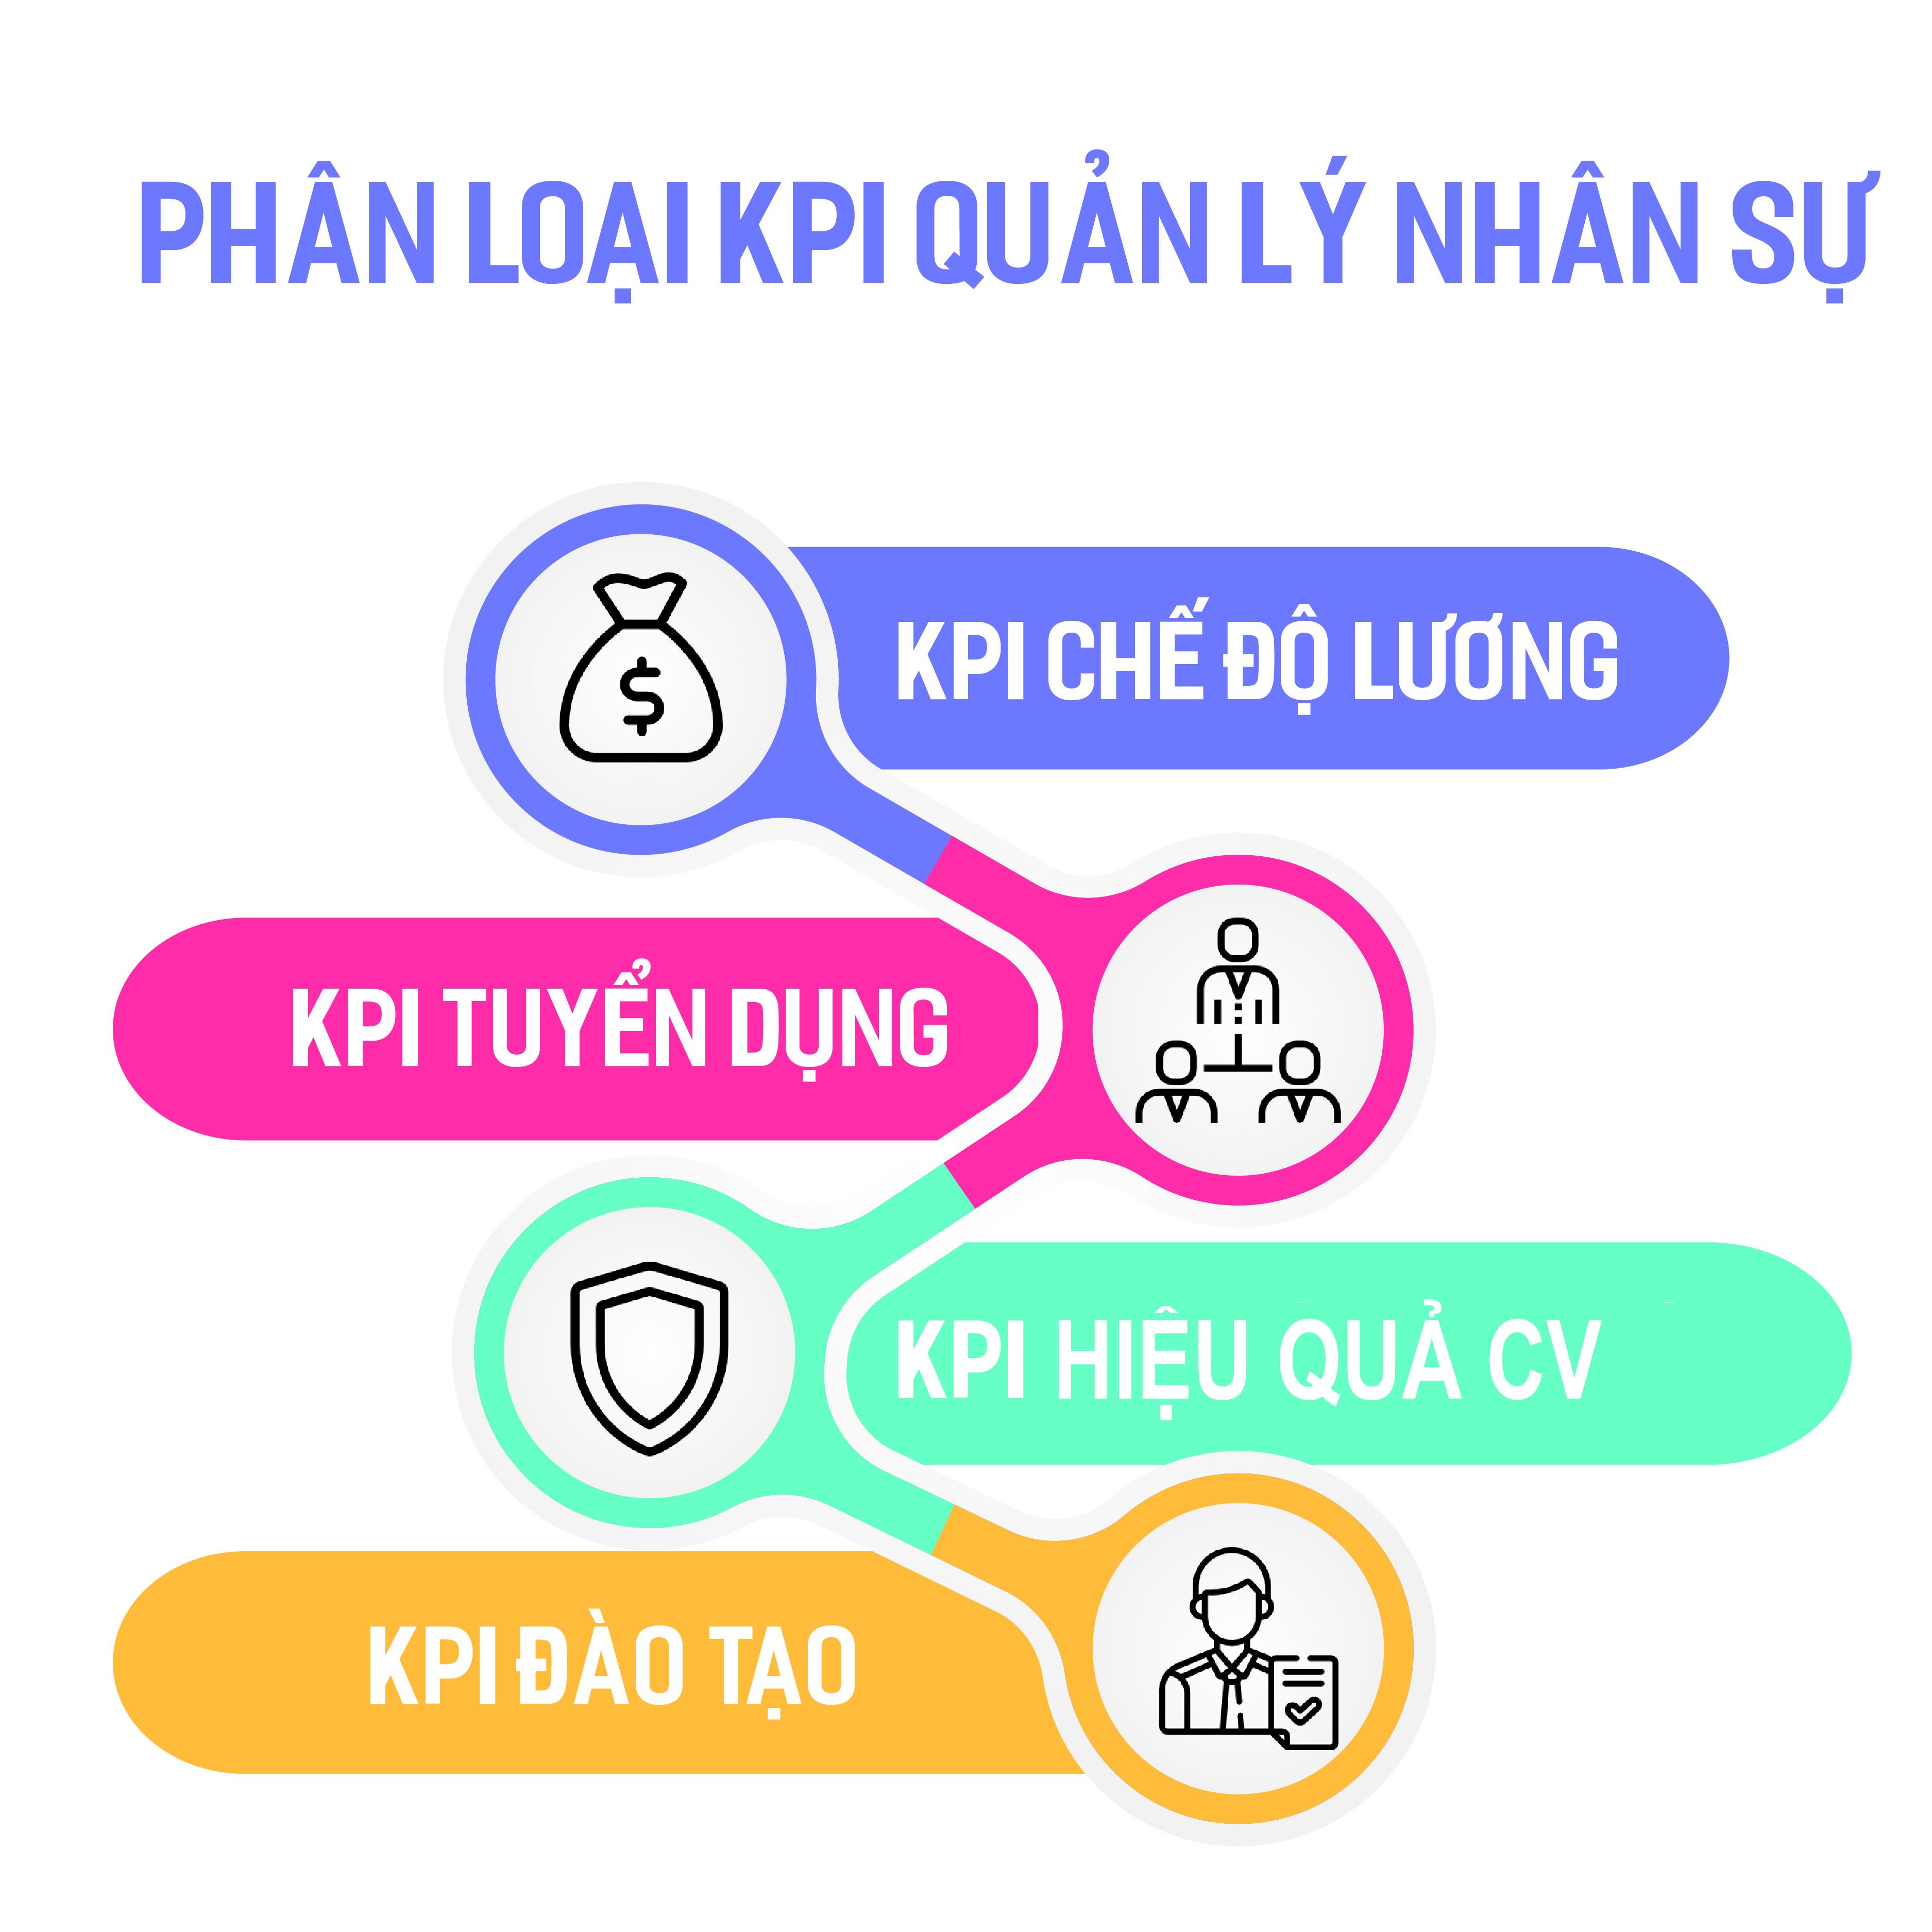 cong-viec-cua-nguoi-quan-ly-nhan-su